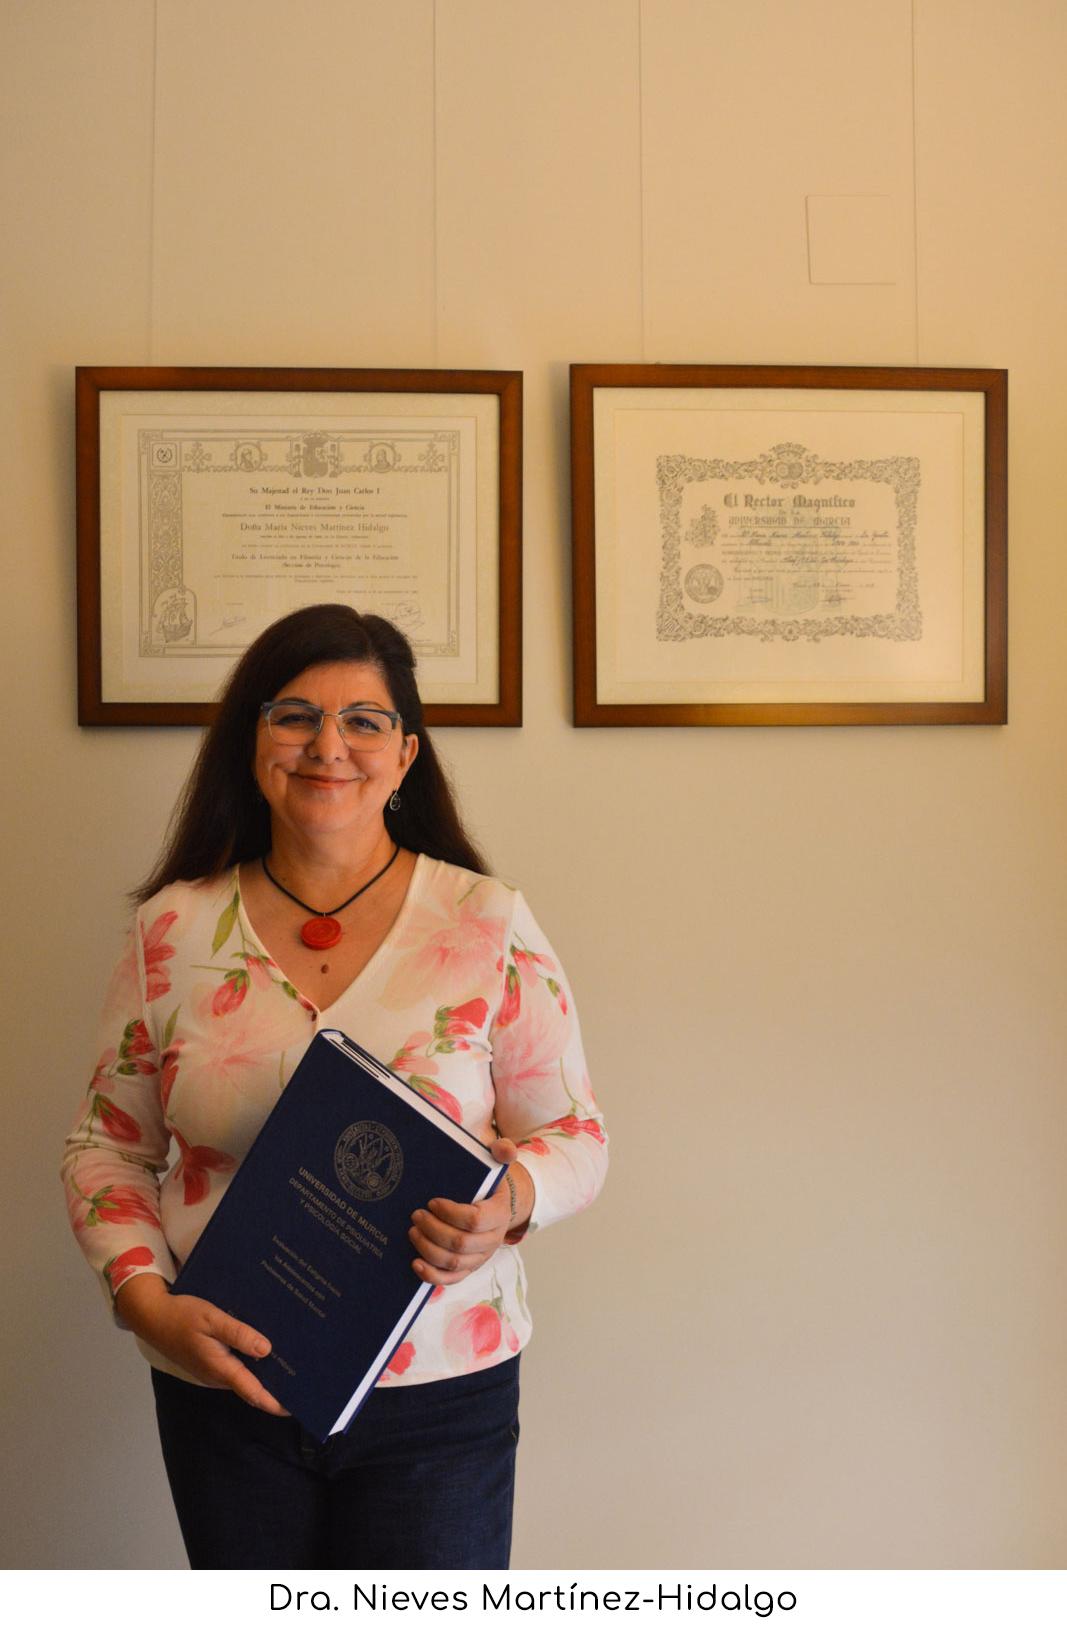 Dra. Nieves Martínez-Hidalgo: Psicóloga en Murcia desde 1984